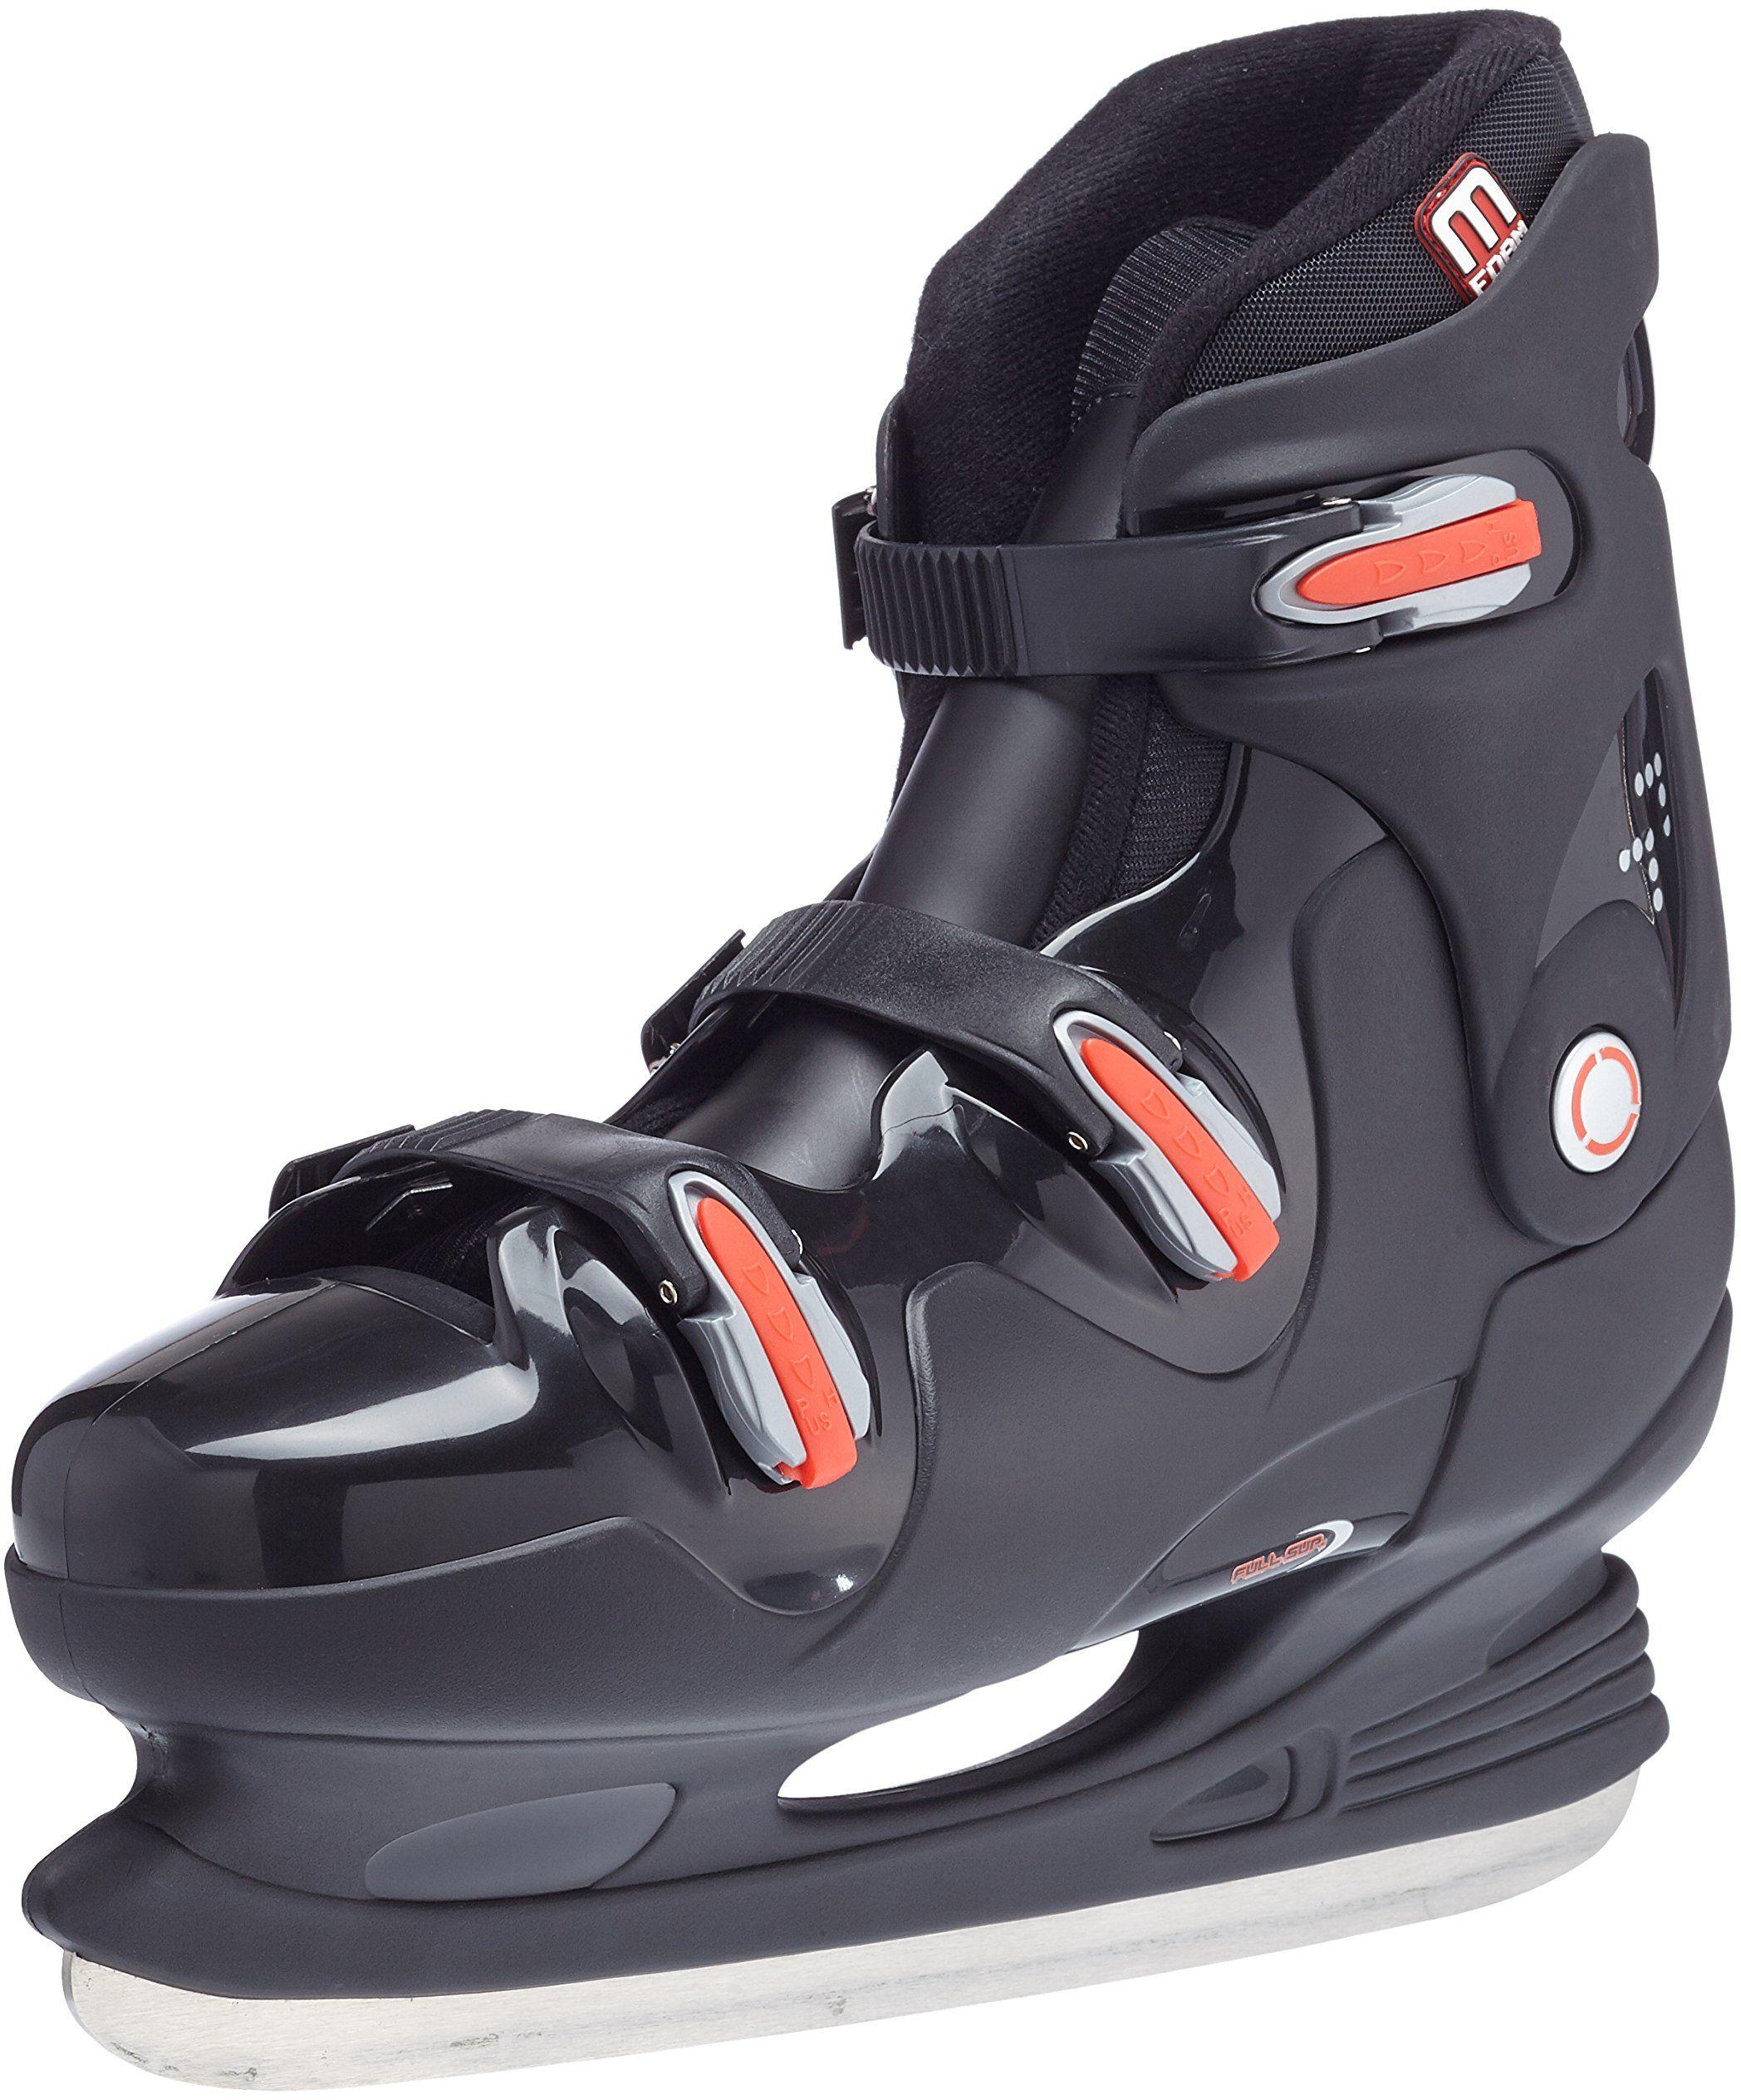 Nijdam Męskie łyżwy do hokeja na lodzie, czarne/czerwone, 43, 1010689